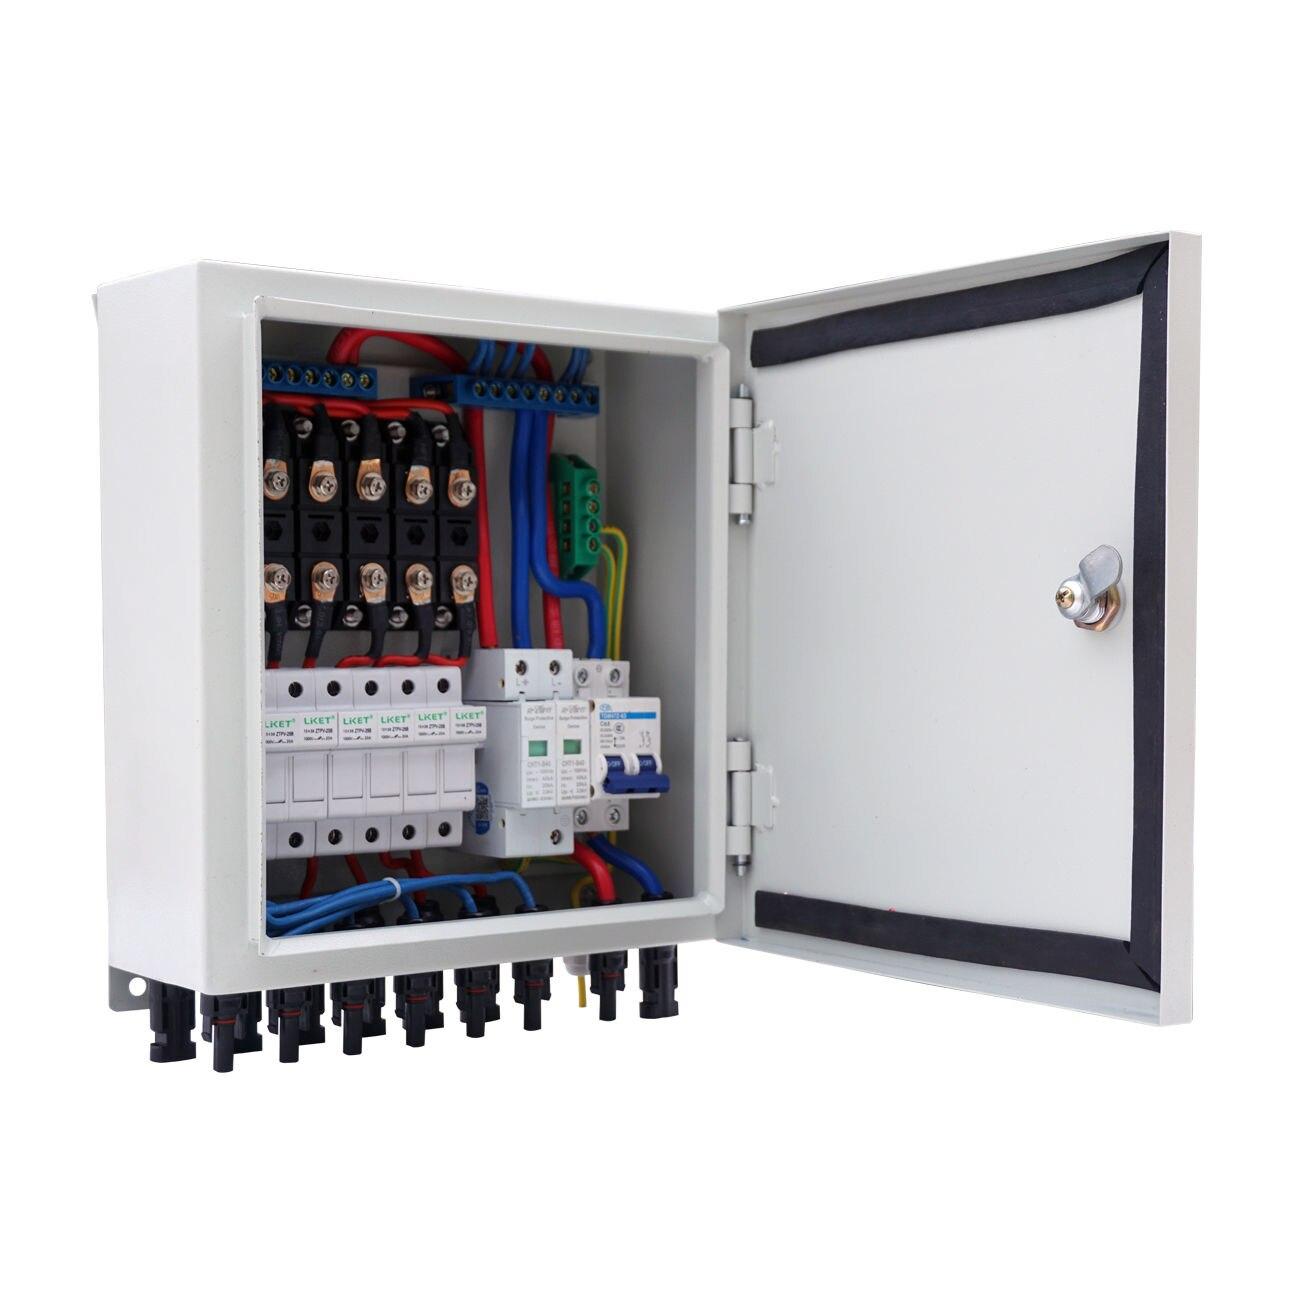 Caja de combinador Solar 60A de 6 cuerdas ECO-WORTHY para el Kit de Panel Solar de RV de barco doméstico residencial